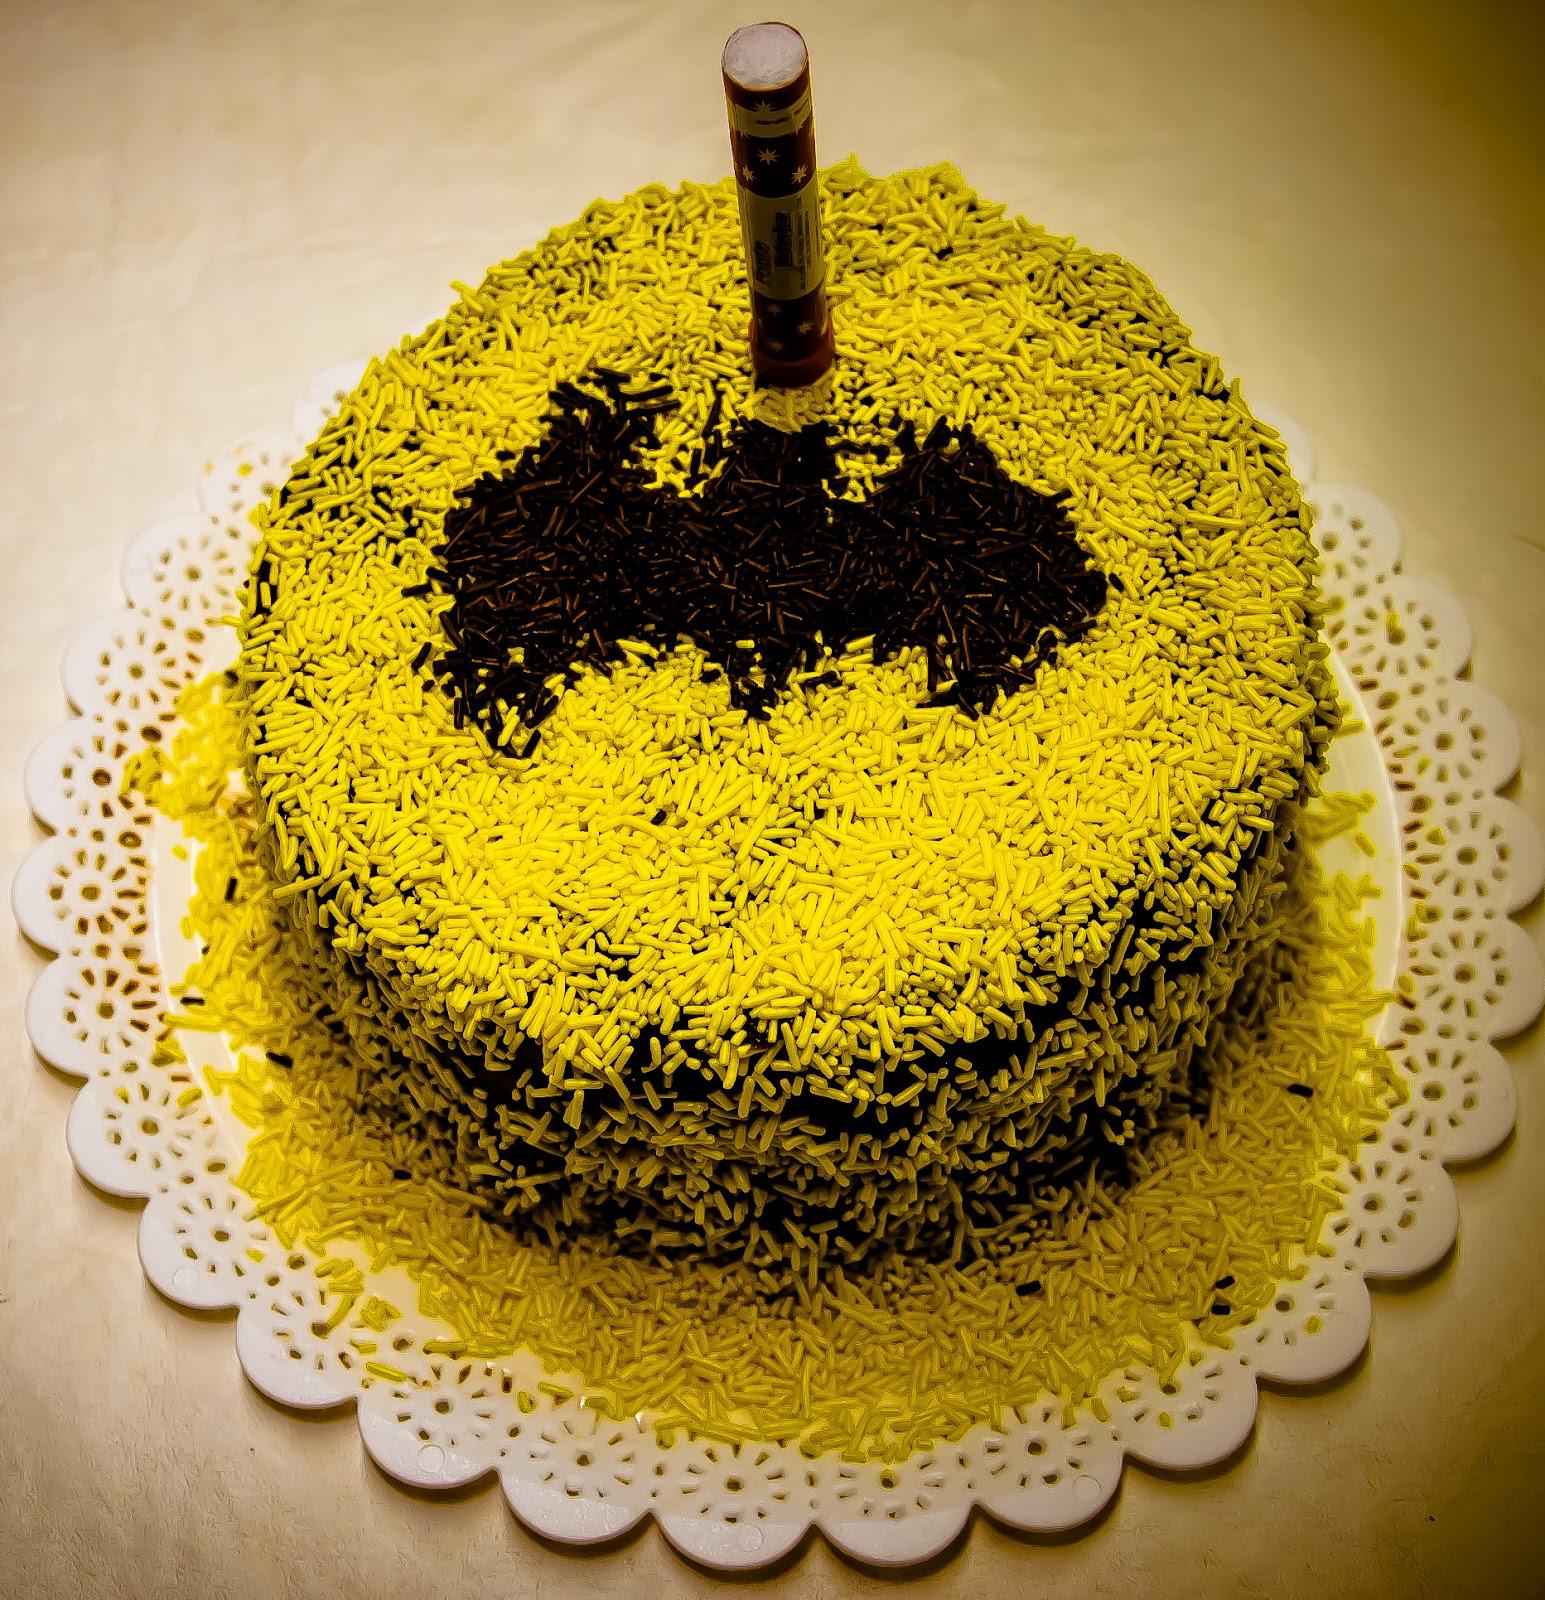 fe cidade   cake designer 3449 6094 8335 4849 bolo batman